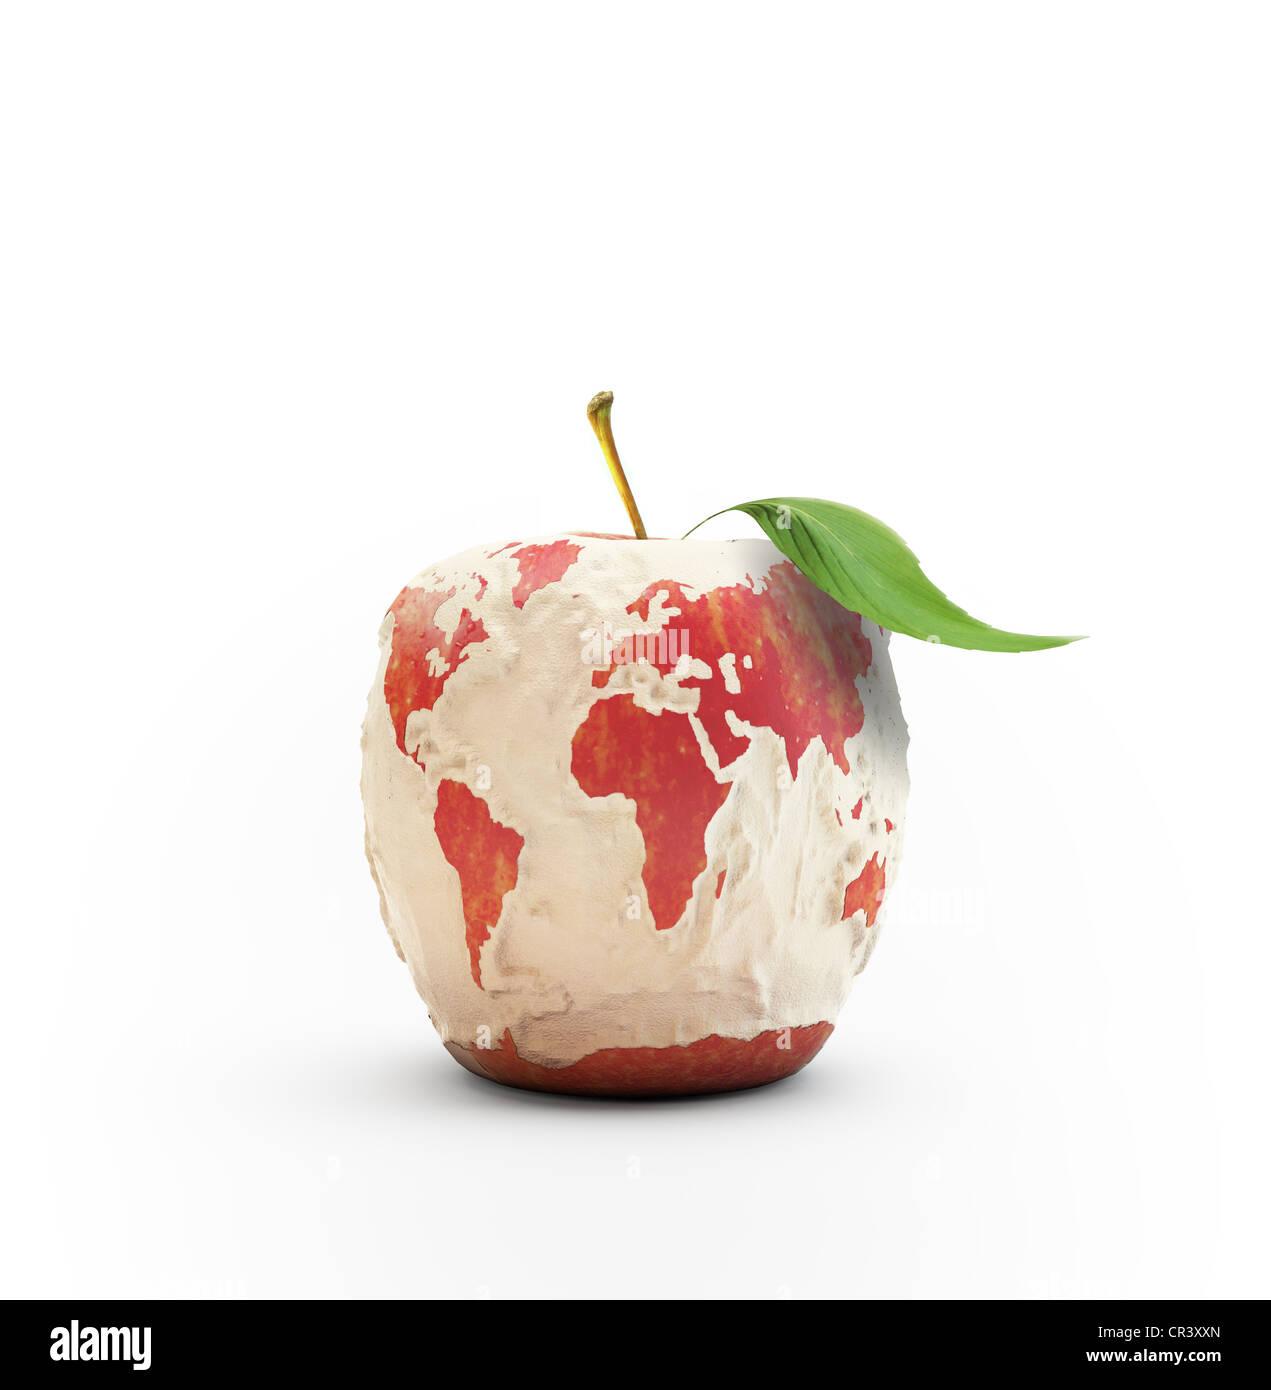 Tomate pelado apple formando o mapa do mundo Imagens de Stock